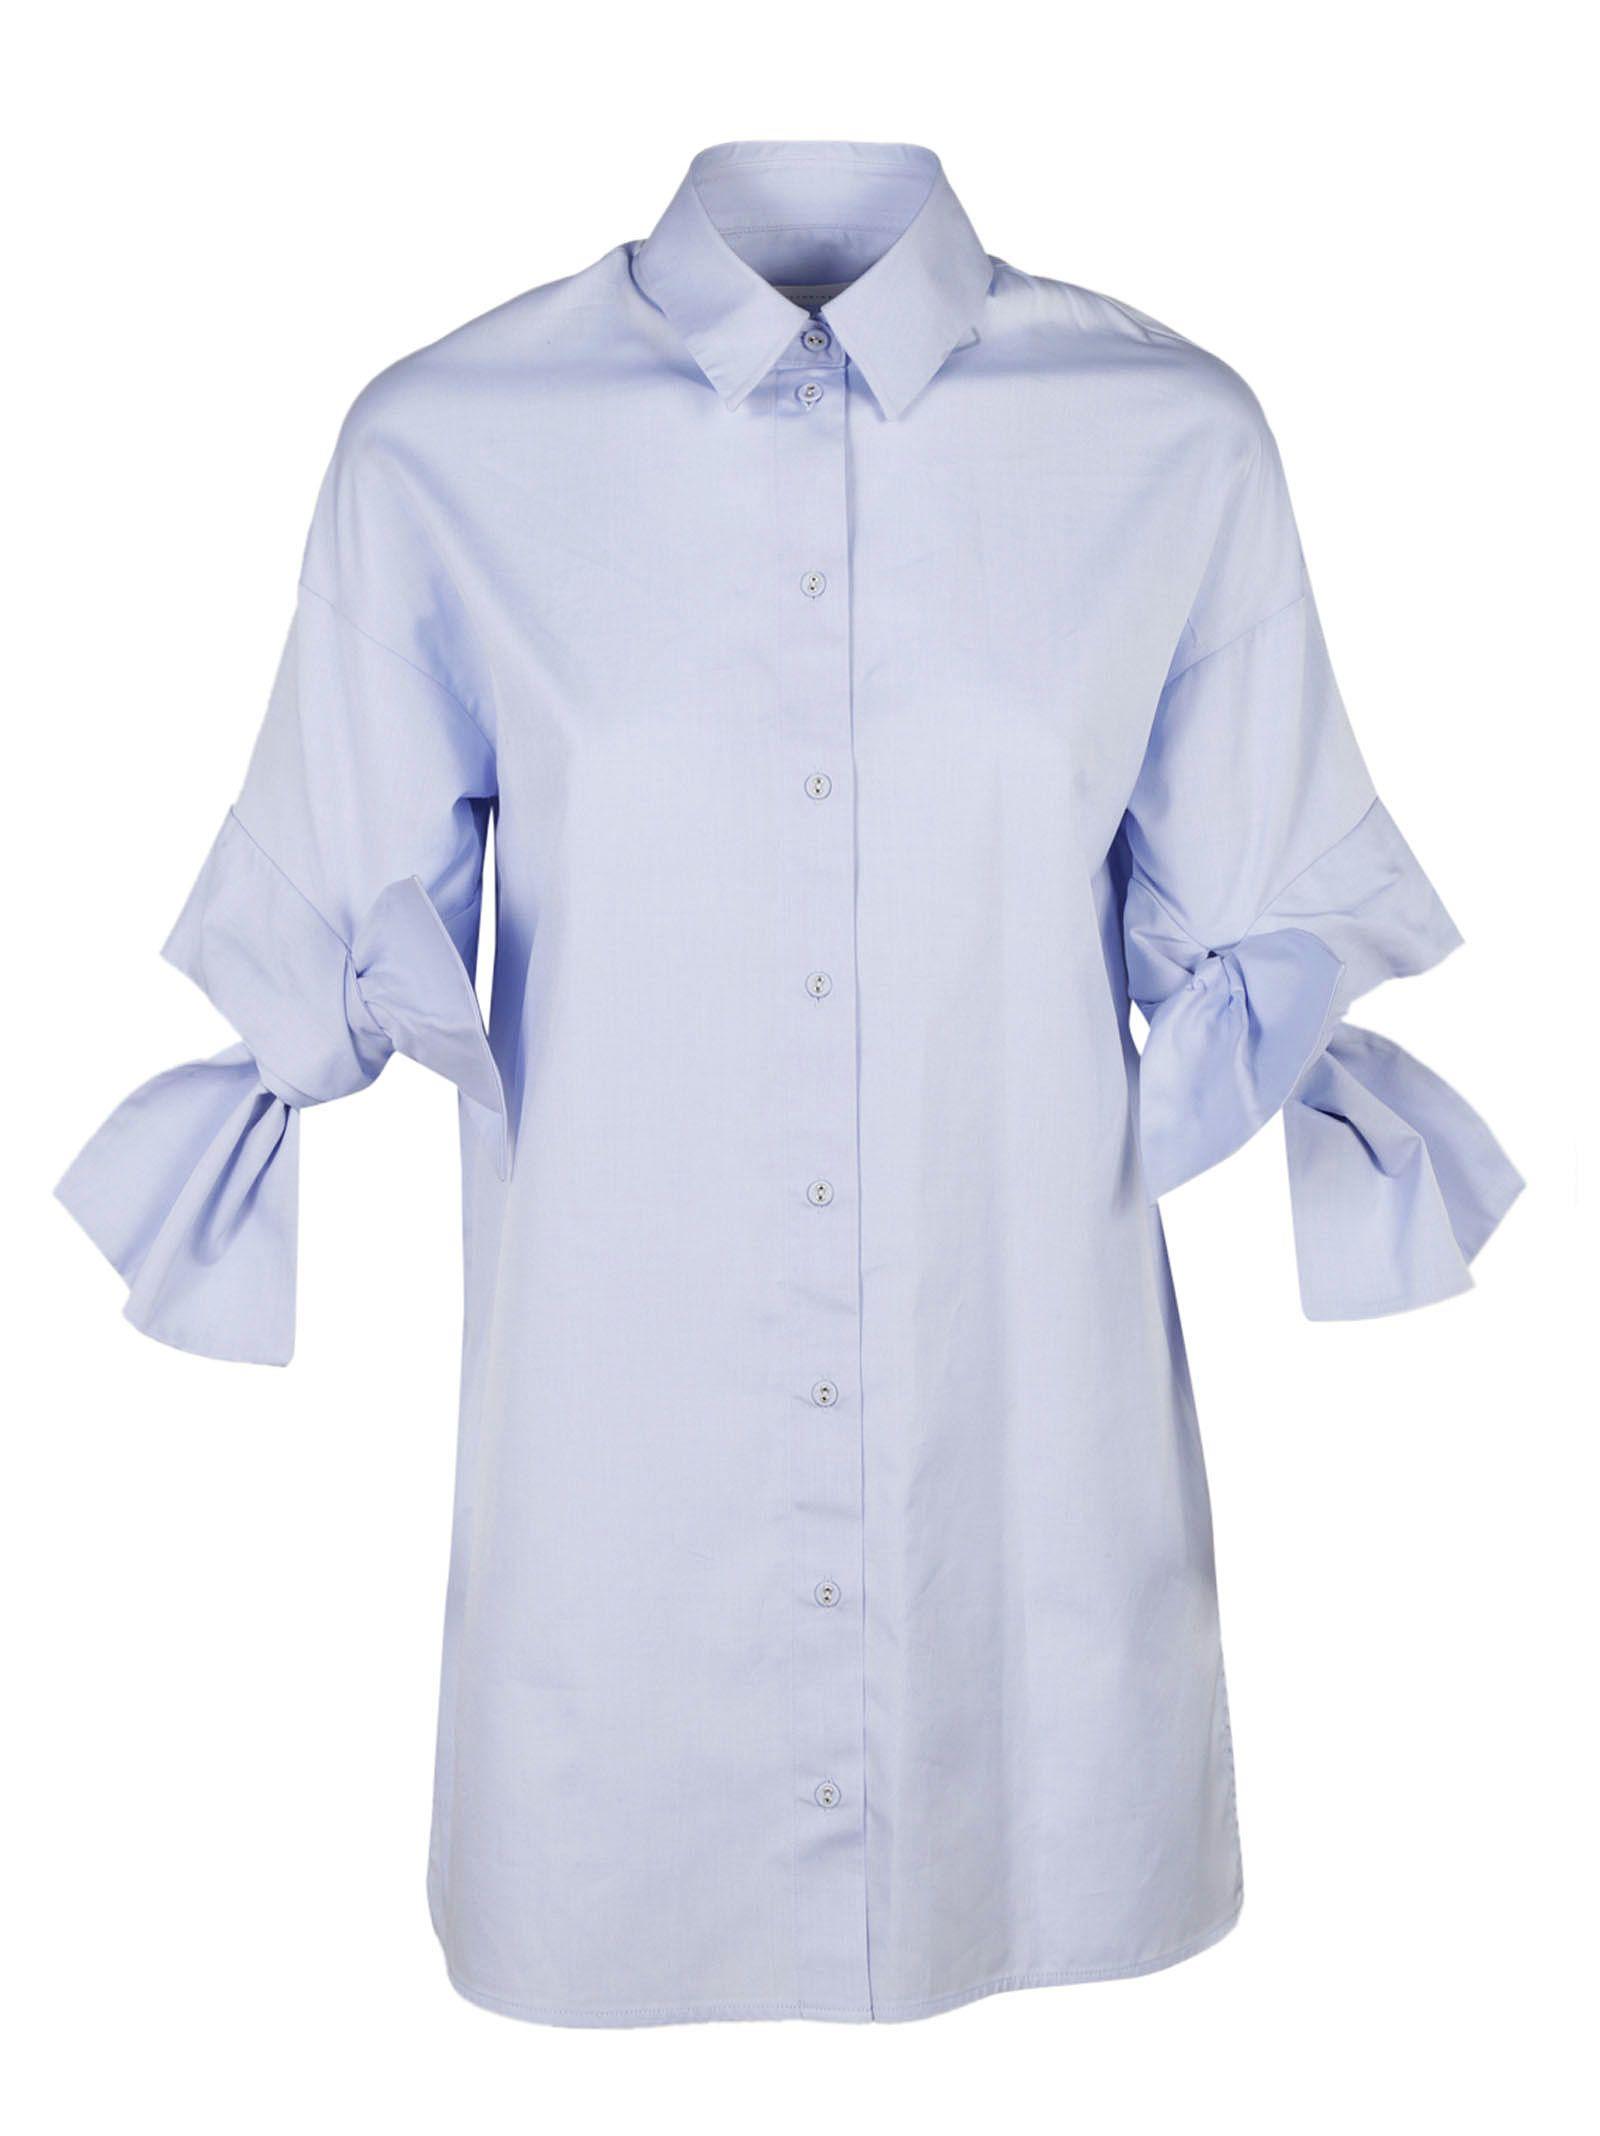 Victoria Beckham Bow Sleeve Shirt